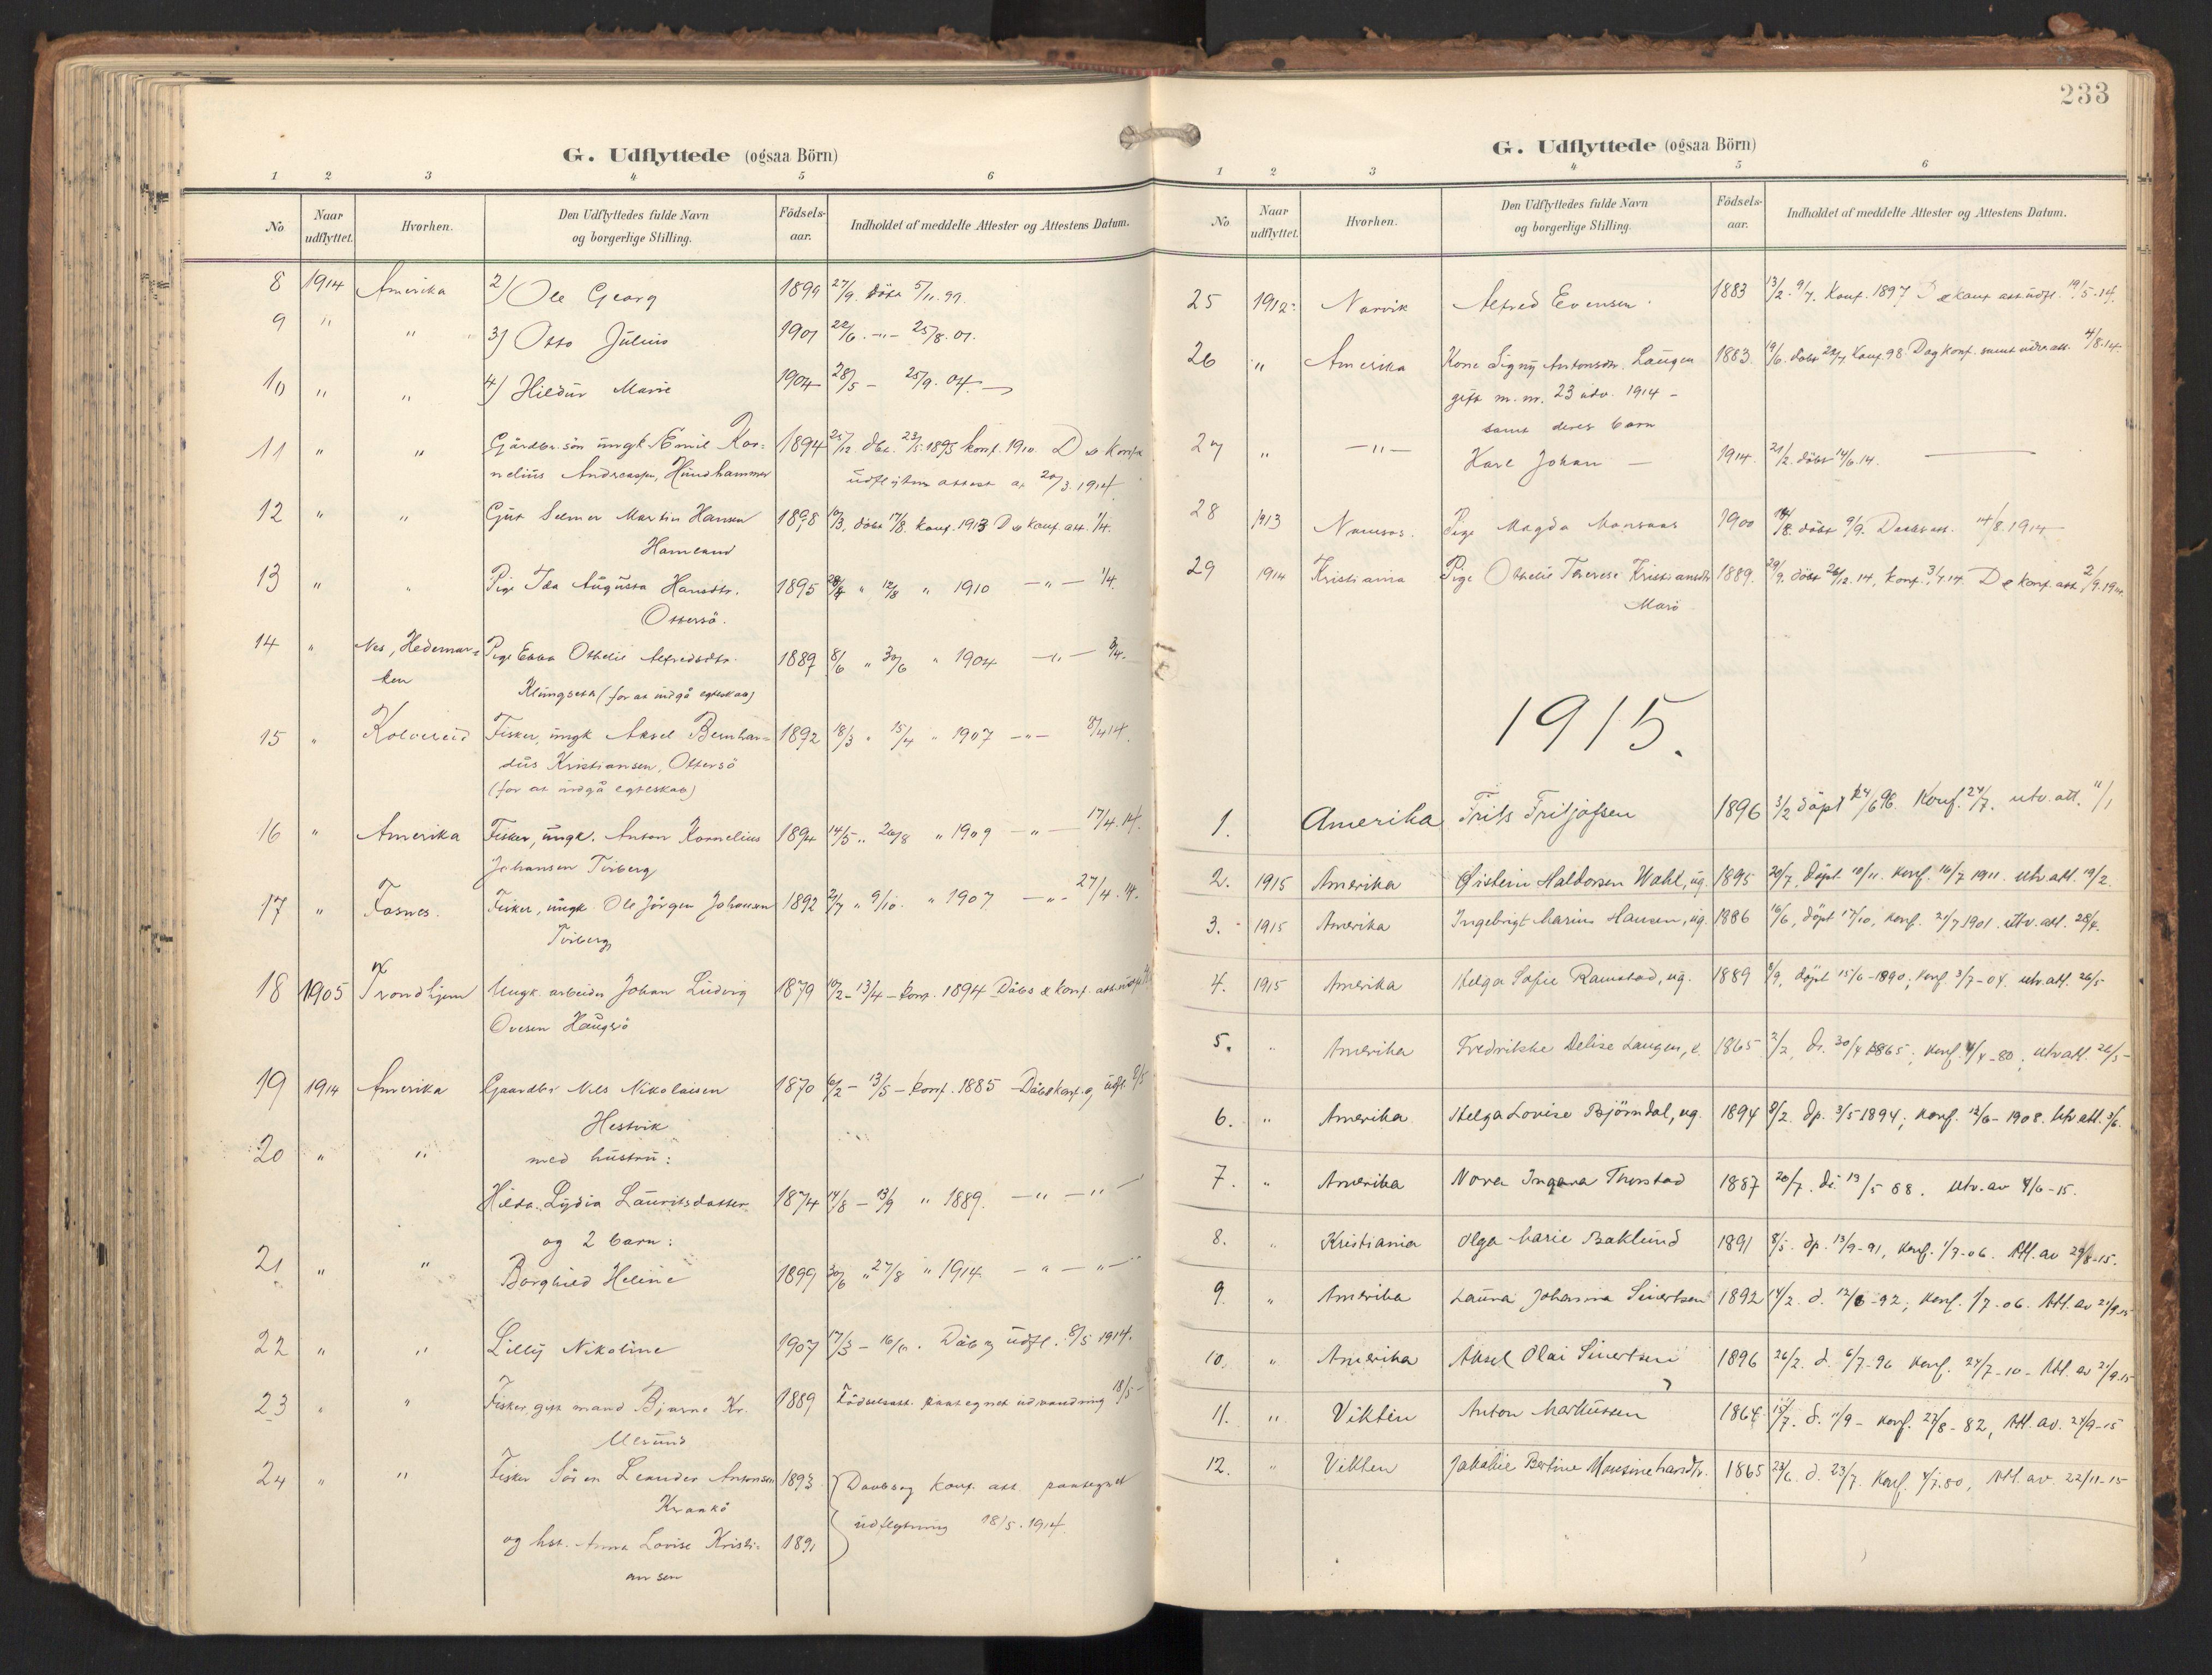 SAT, Ministerialprotokoller, klokkerbøker og fødselsregistre - Nord-Trøndelag, 784/L0677: Ministerialbok nr. 784A12, 1900-1920, s. 233